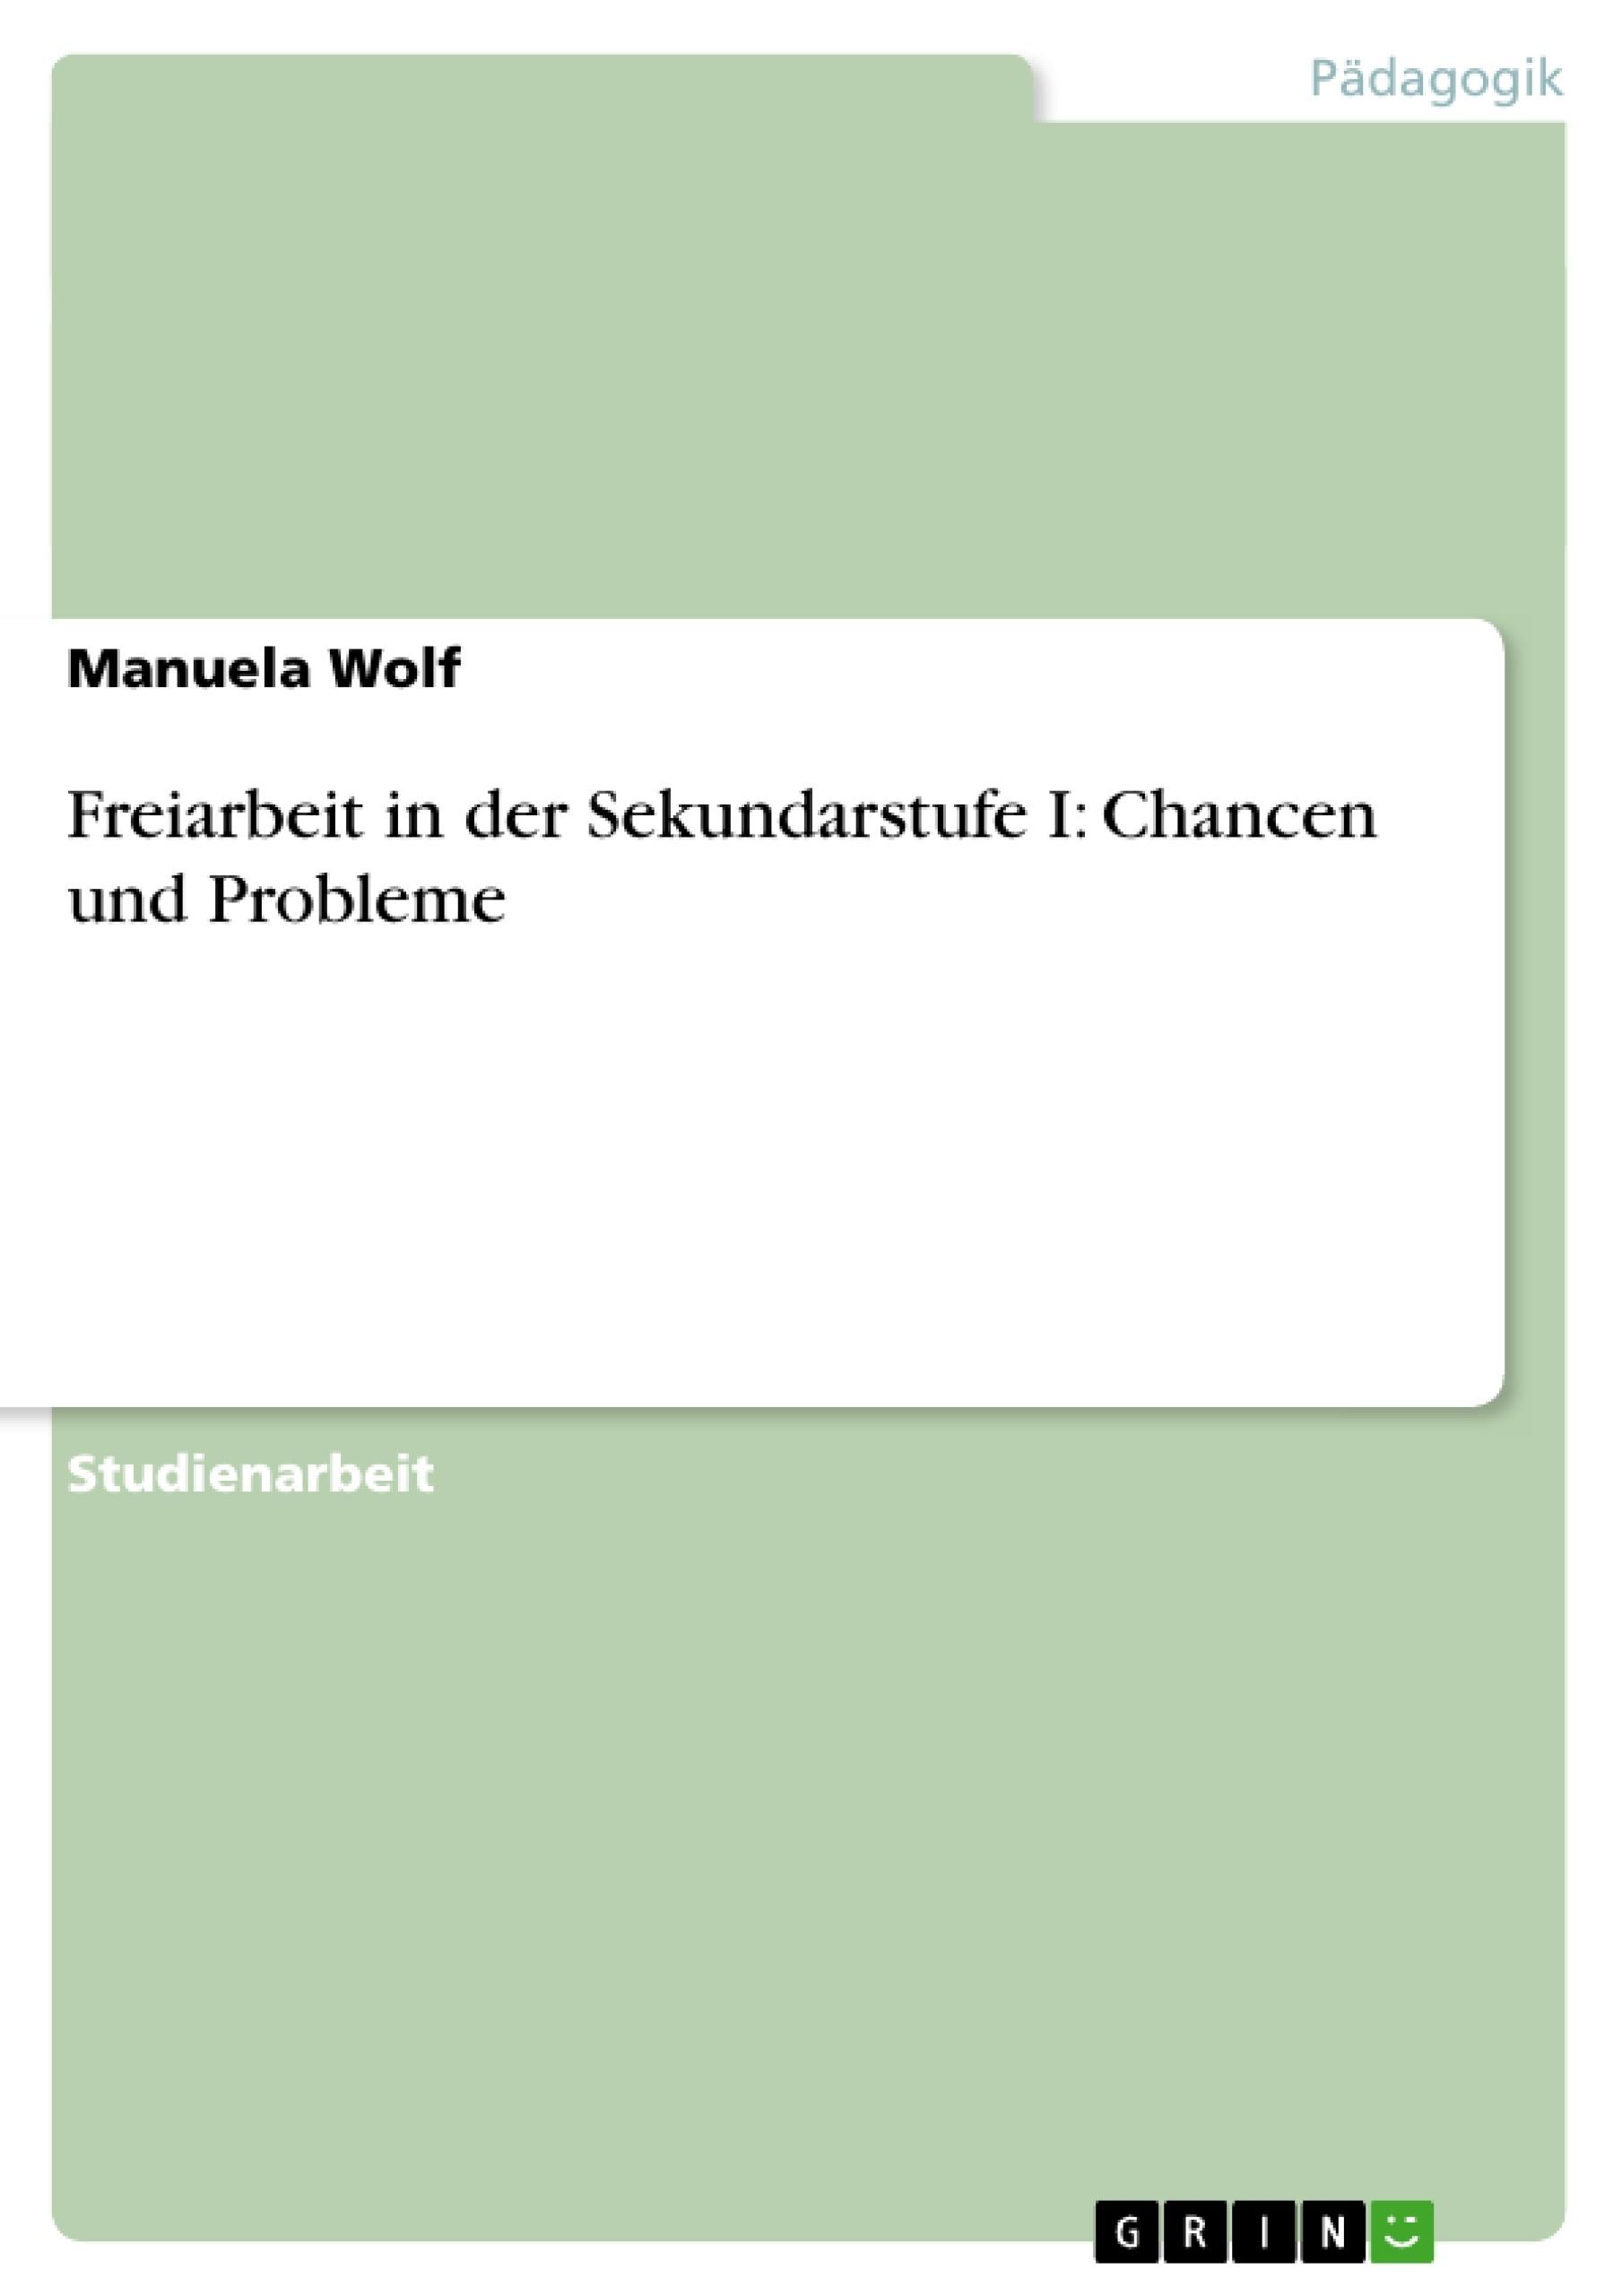 Titel: Freiarbeit in der Sekundarstufe I: Chancen und Probleme